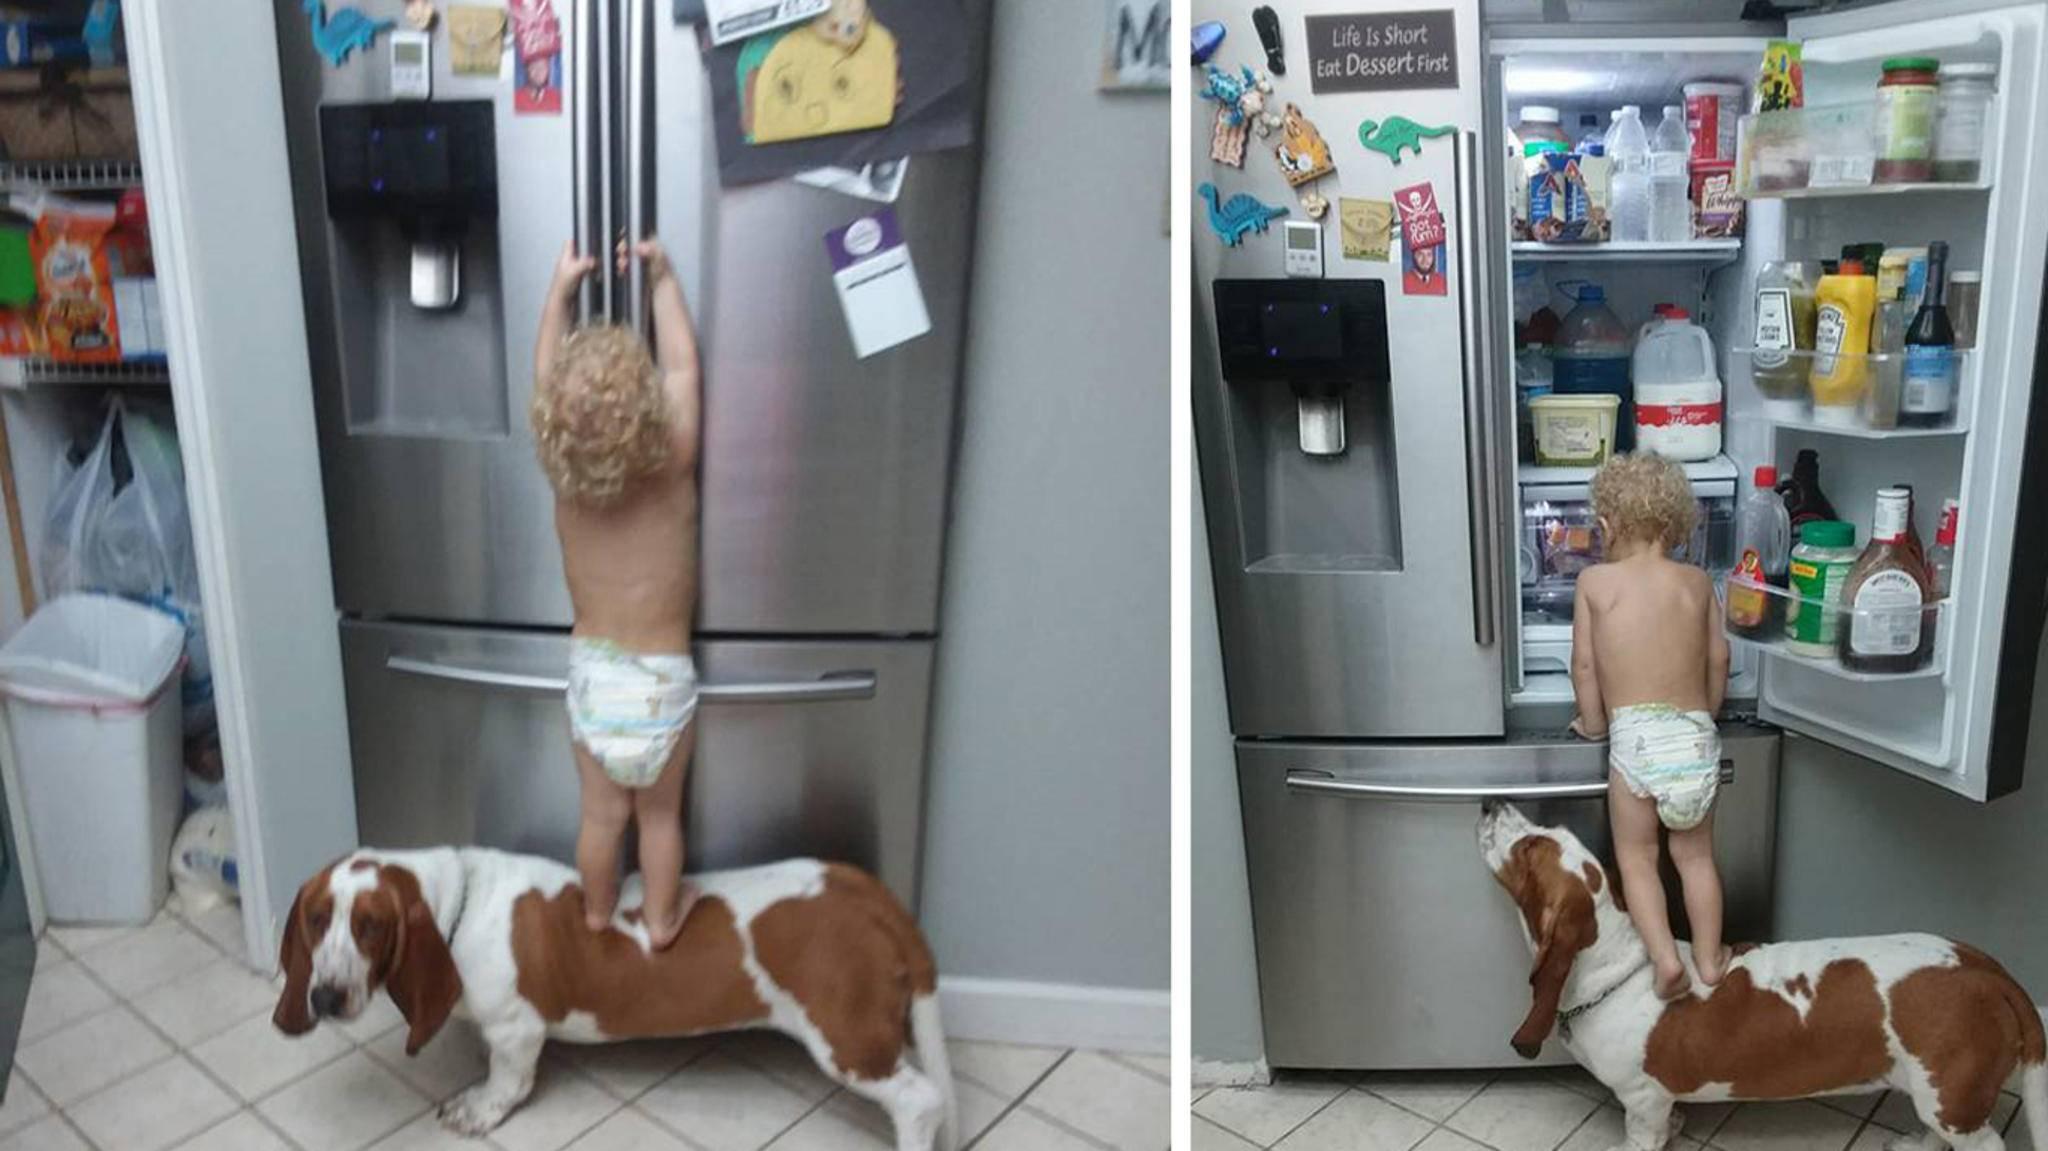 Kleiner Pepsi Kühlschrank : Dreamteam kleinkind hund plündern kühlschrank in viralem video